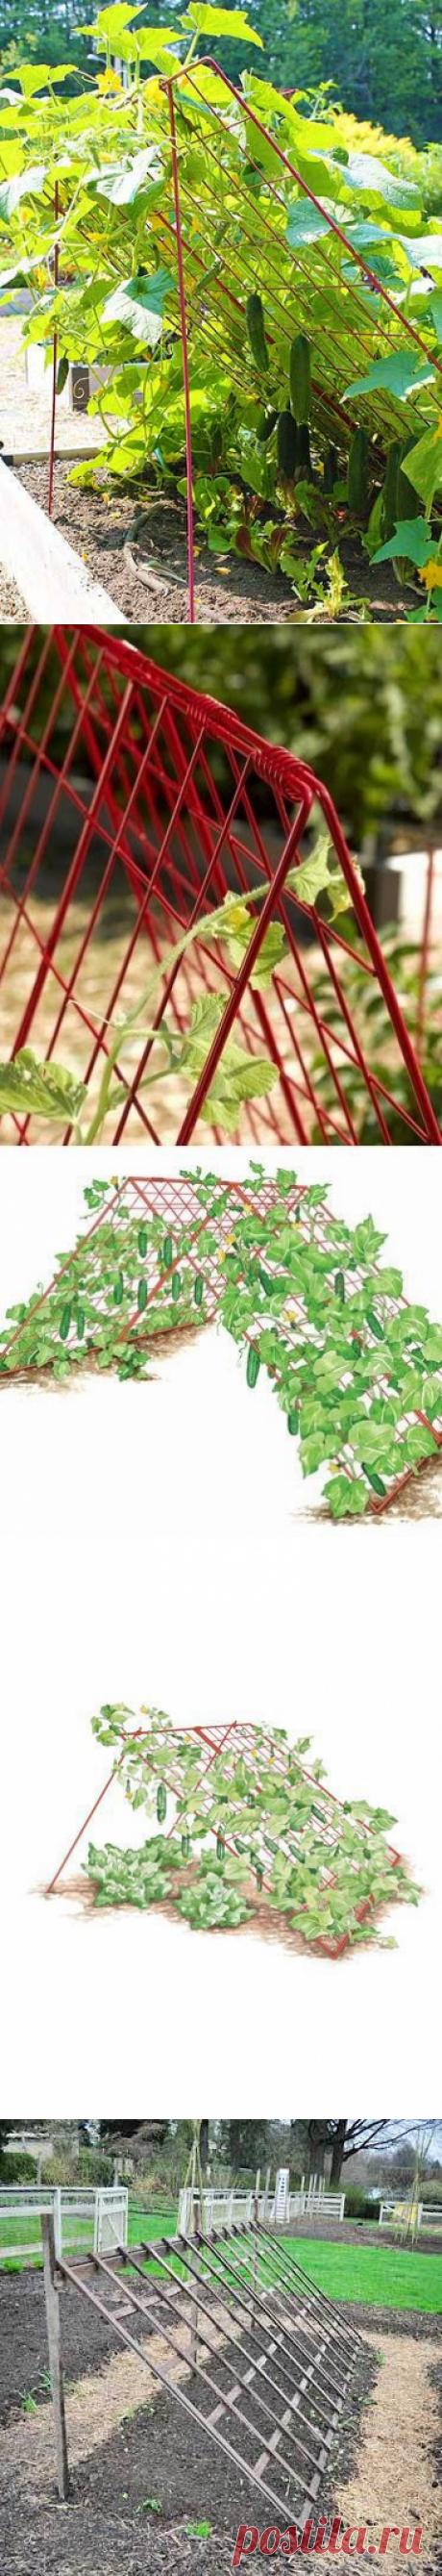 Этот прием позволит выращивать больше огурцов на грядке | Мои Идеи Для Дачи и Сада